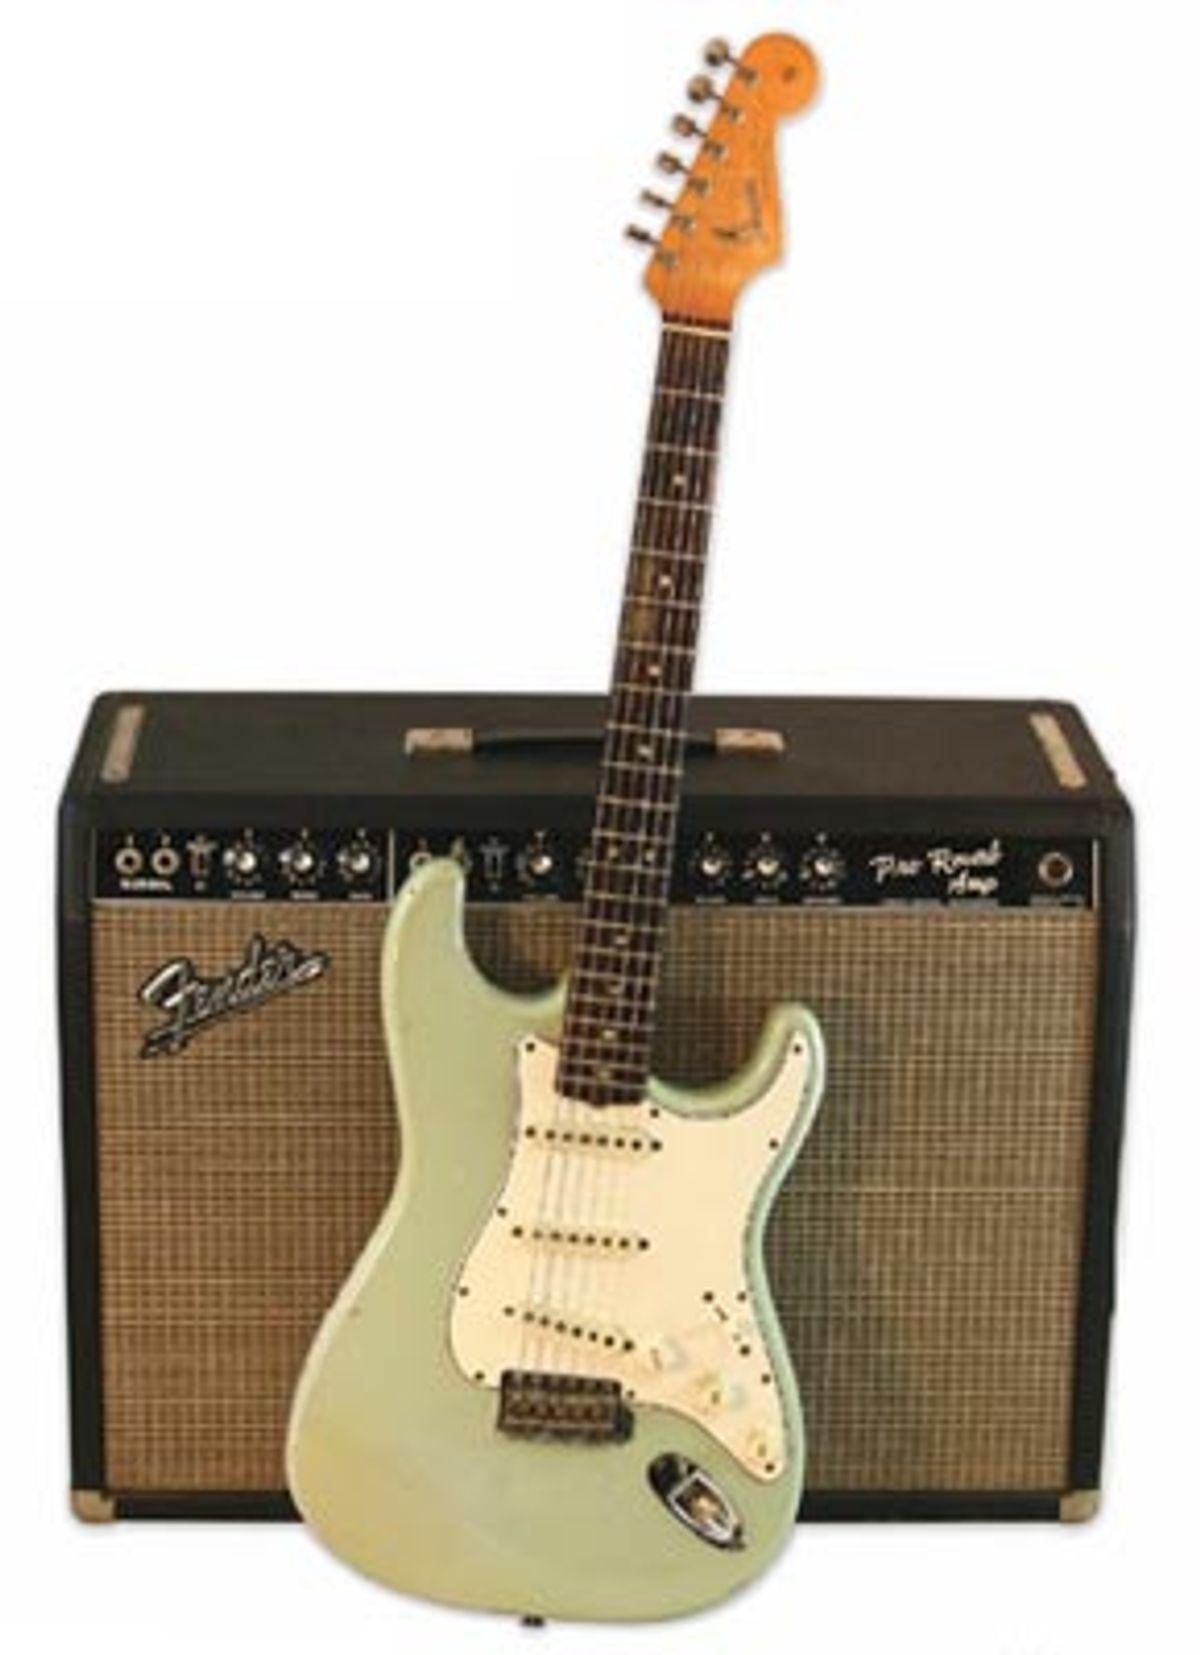 1965 Fender Stratocaster # 104234